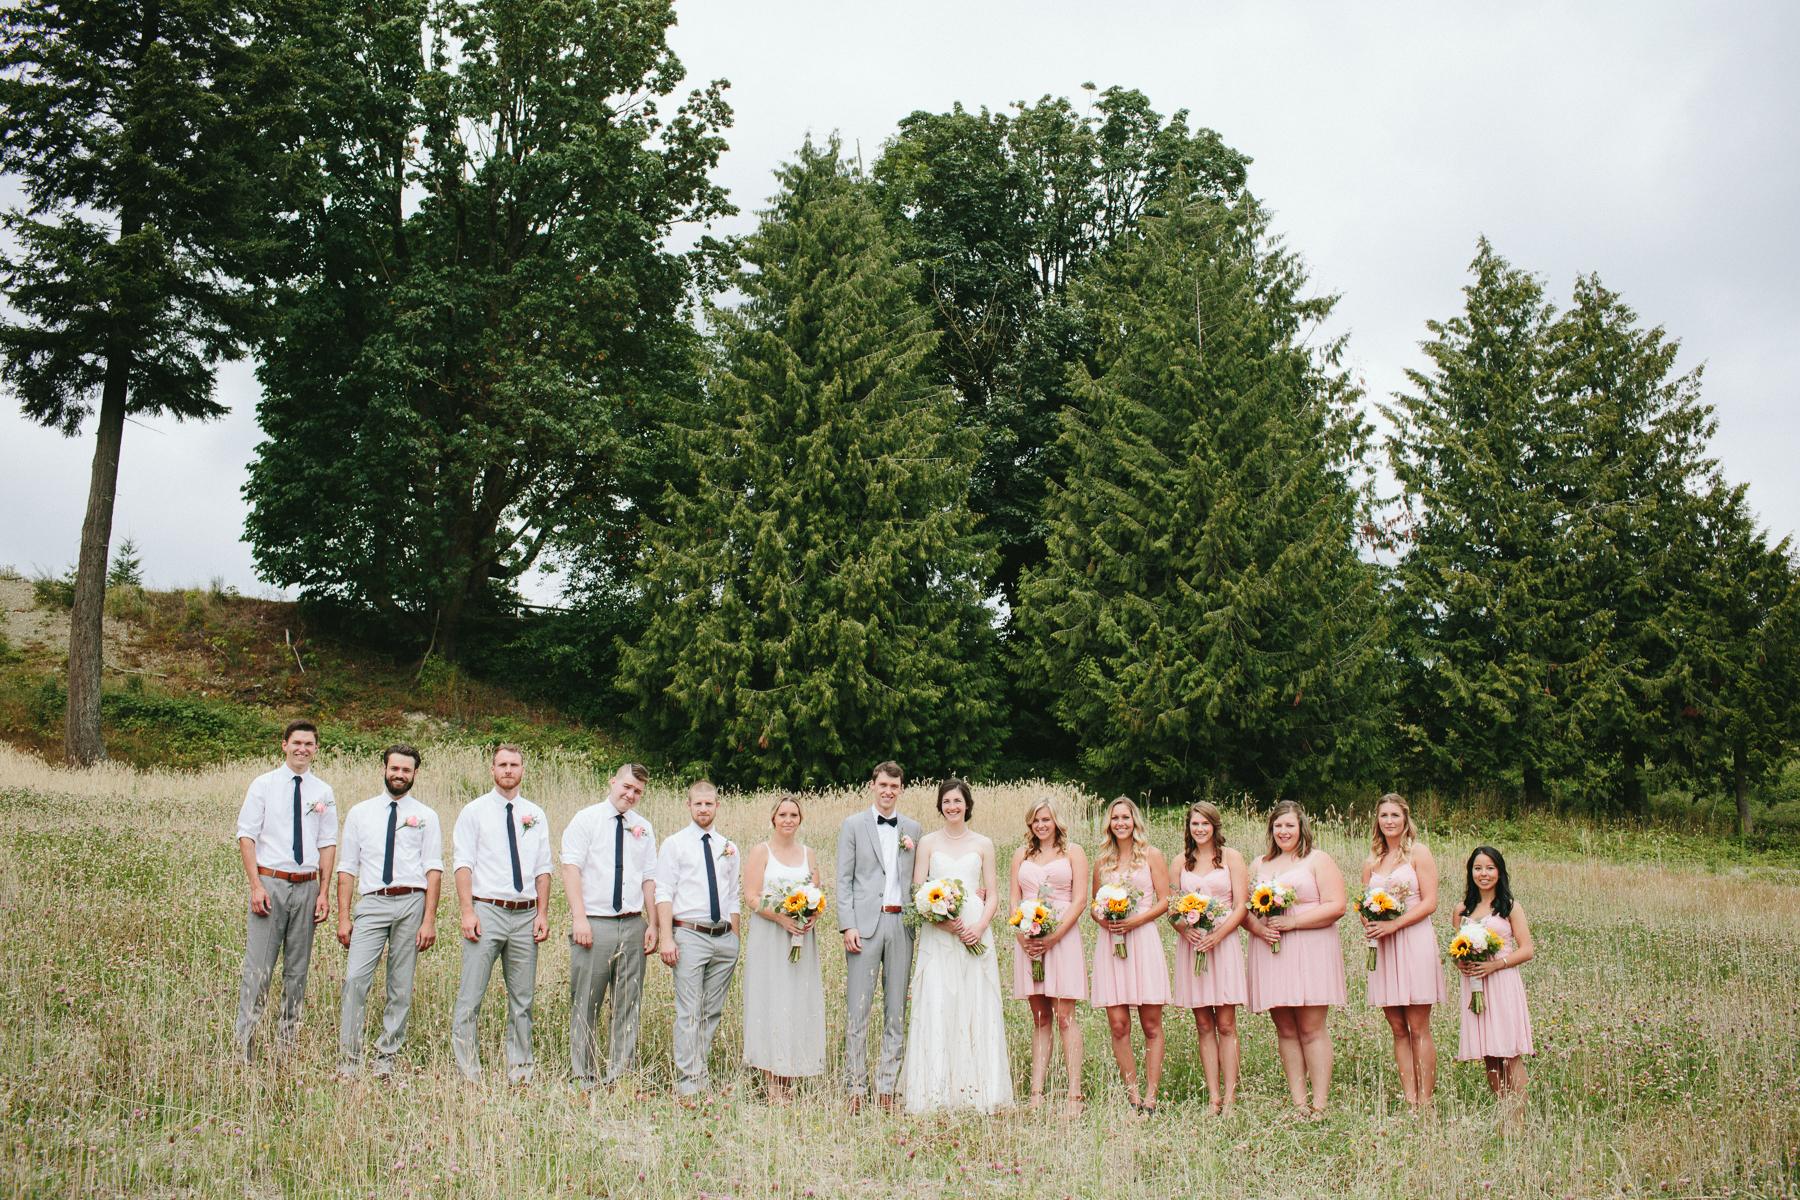 Vancouver-Rustic-Farm-Wedding-KB-063.jpg